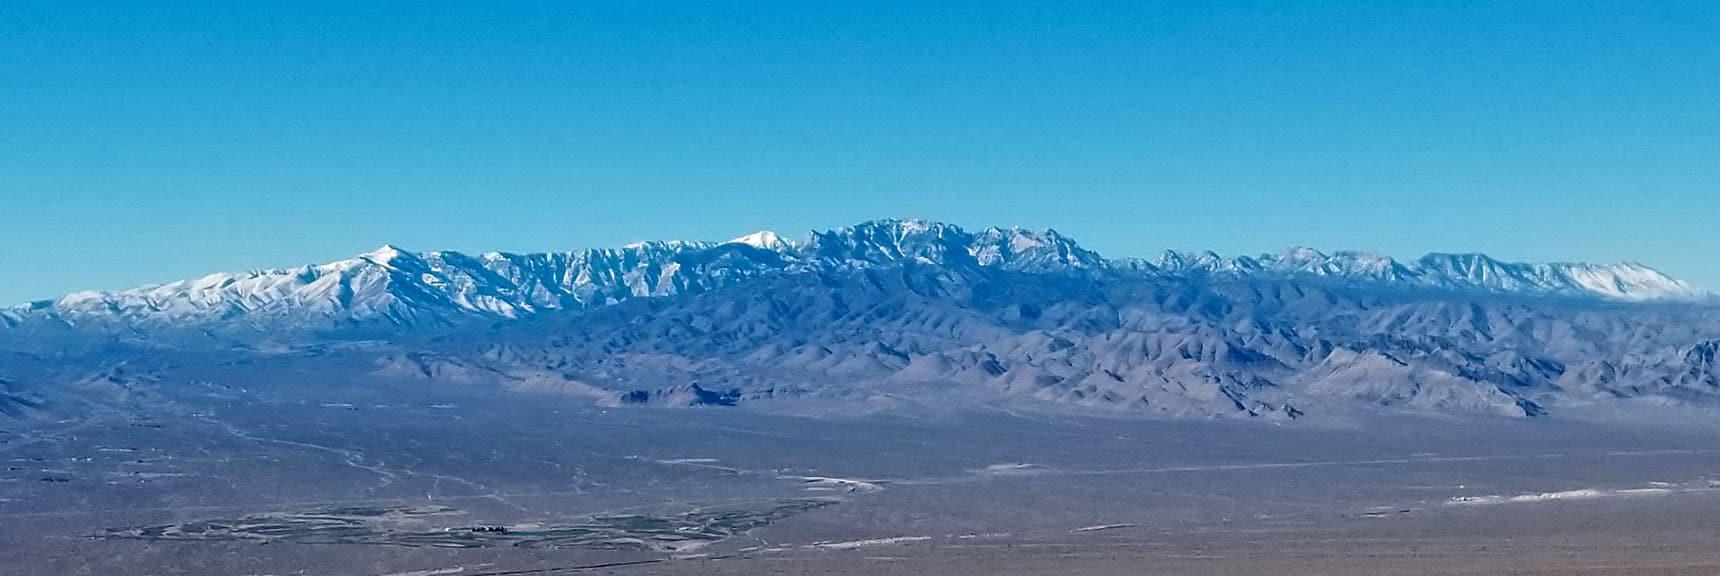 Mt. Charleston Wilderness Viewed from Gass Peak Summit, Nevada